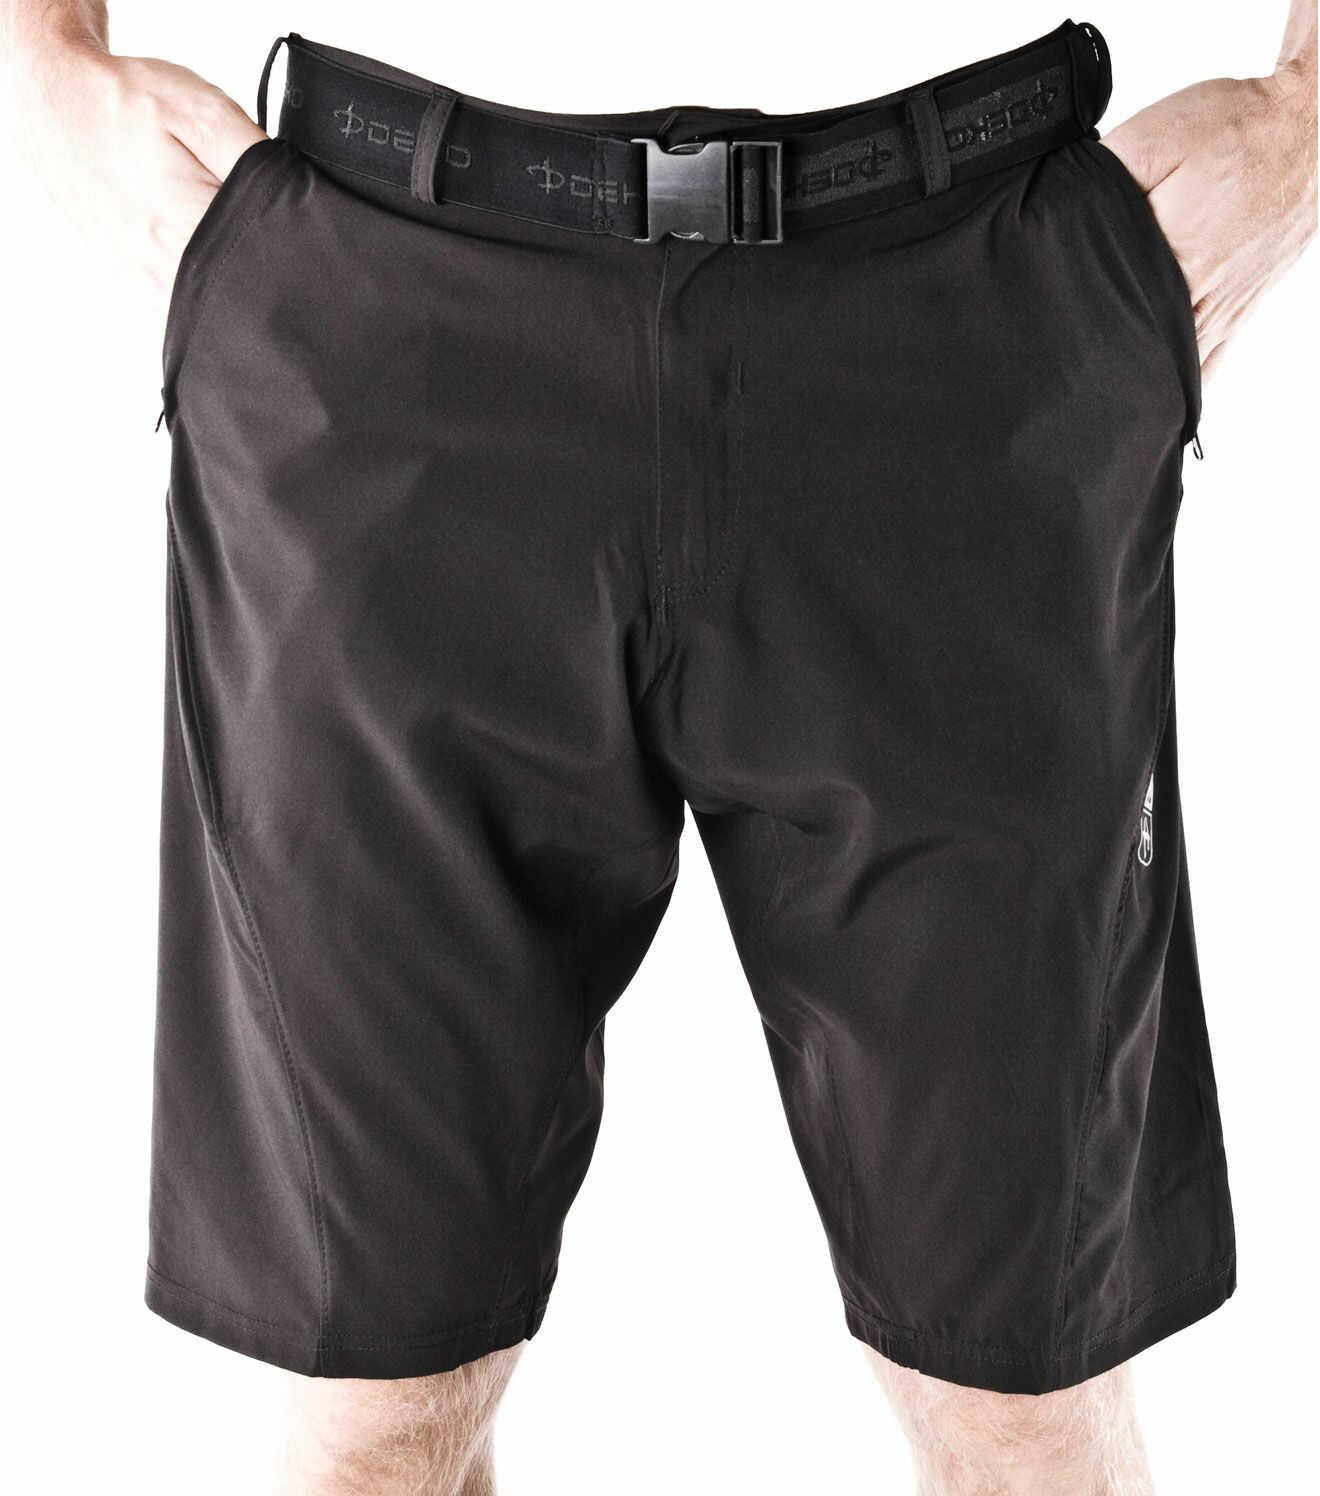 DEKO V1 luźne szorty rowerowe MTB/XC, czarne Rozmiar: XL,deko-v1-mtb